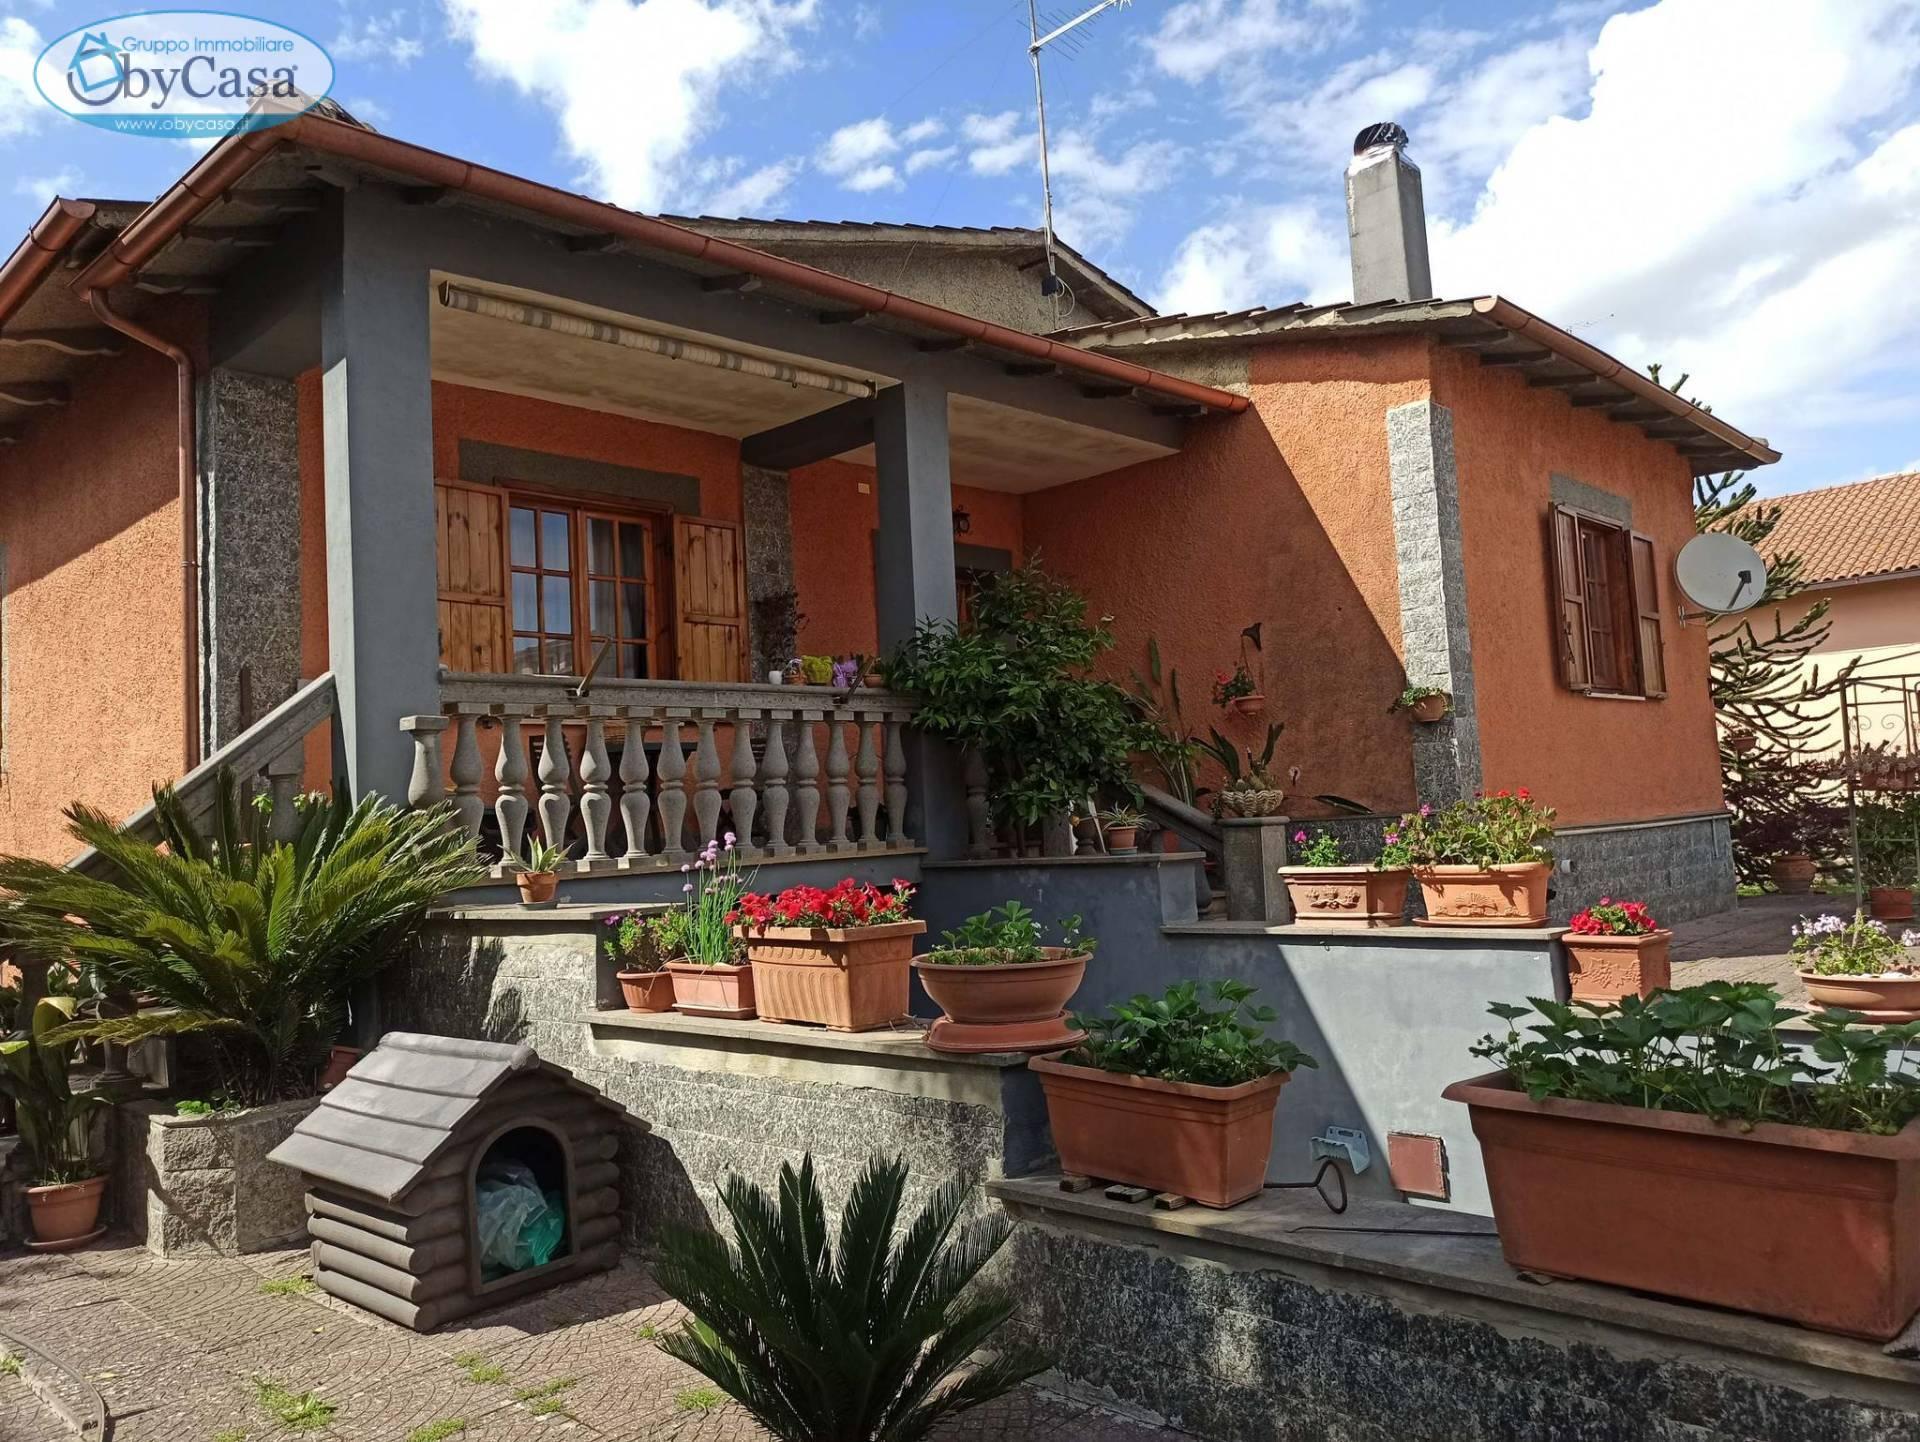 Villa in vendita a Bassano Romano, 6 locali, zona Località: bassanoromano, prezzo € 199.000   CambioCasa.it